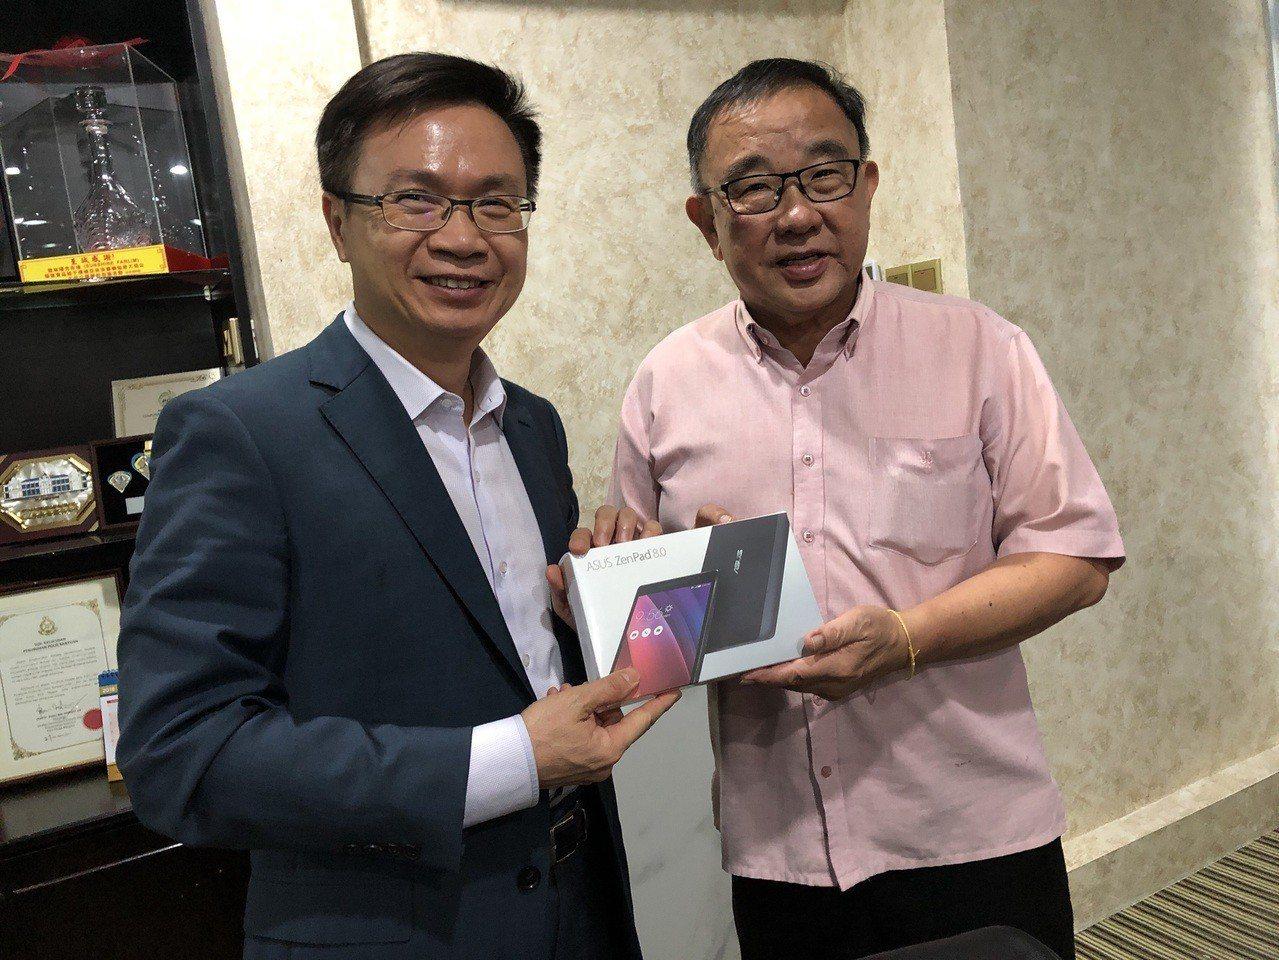 貿協董事長黃志芳(左)拜訪瑞華機構董事長黃天隆洽談引進台灣商品。圖/貿協提供